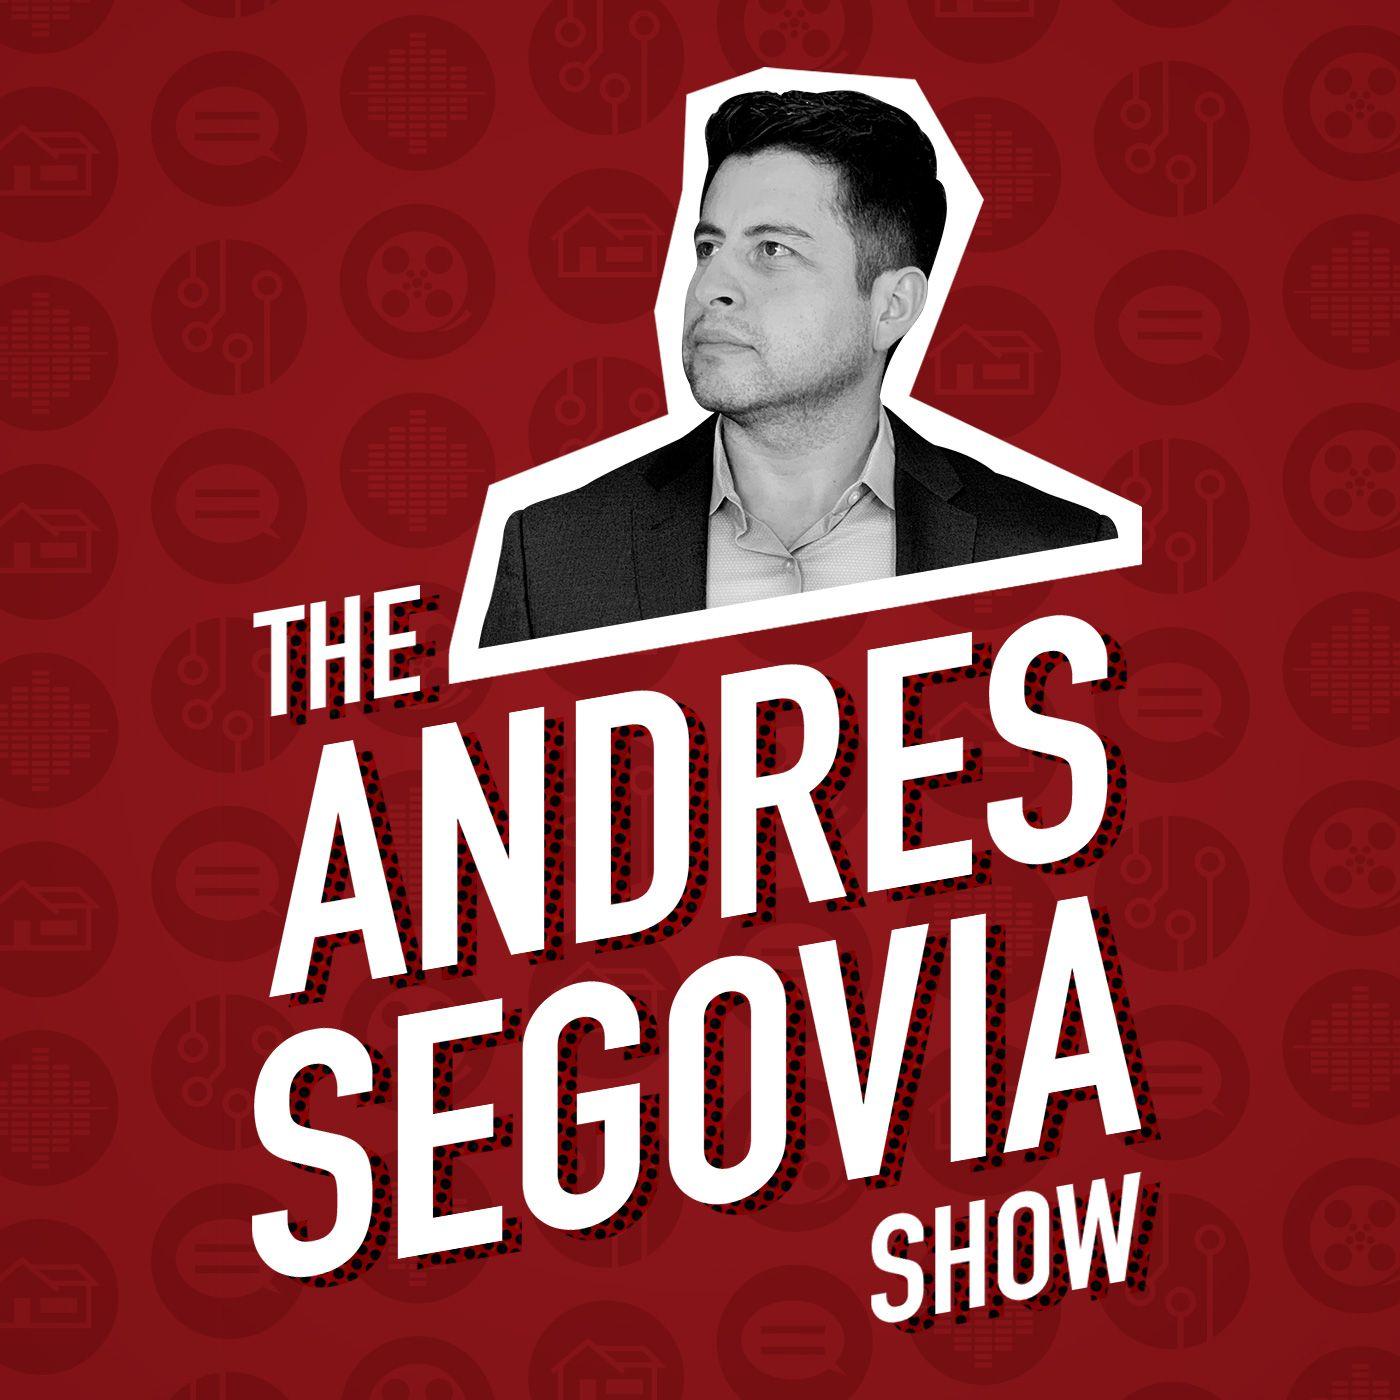 The Andres Segovia Show